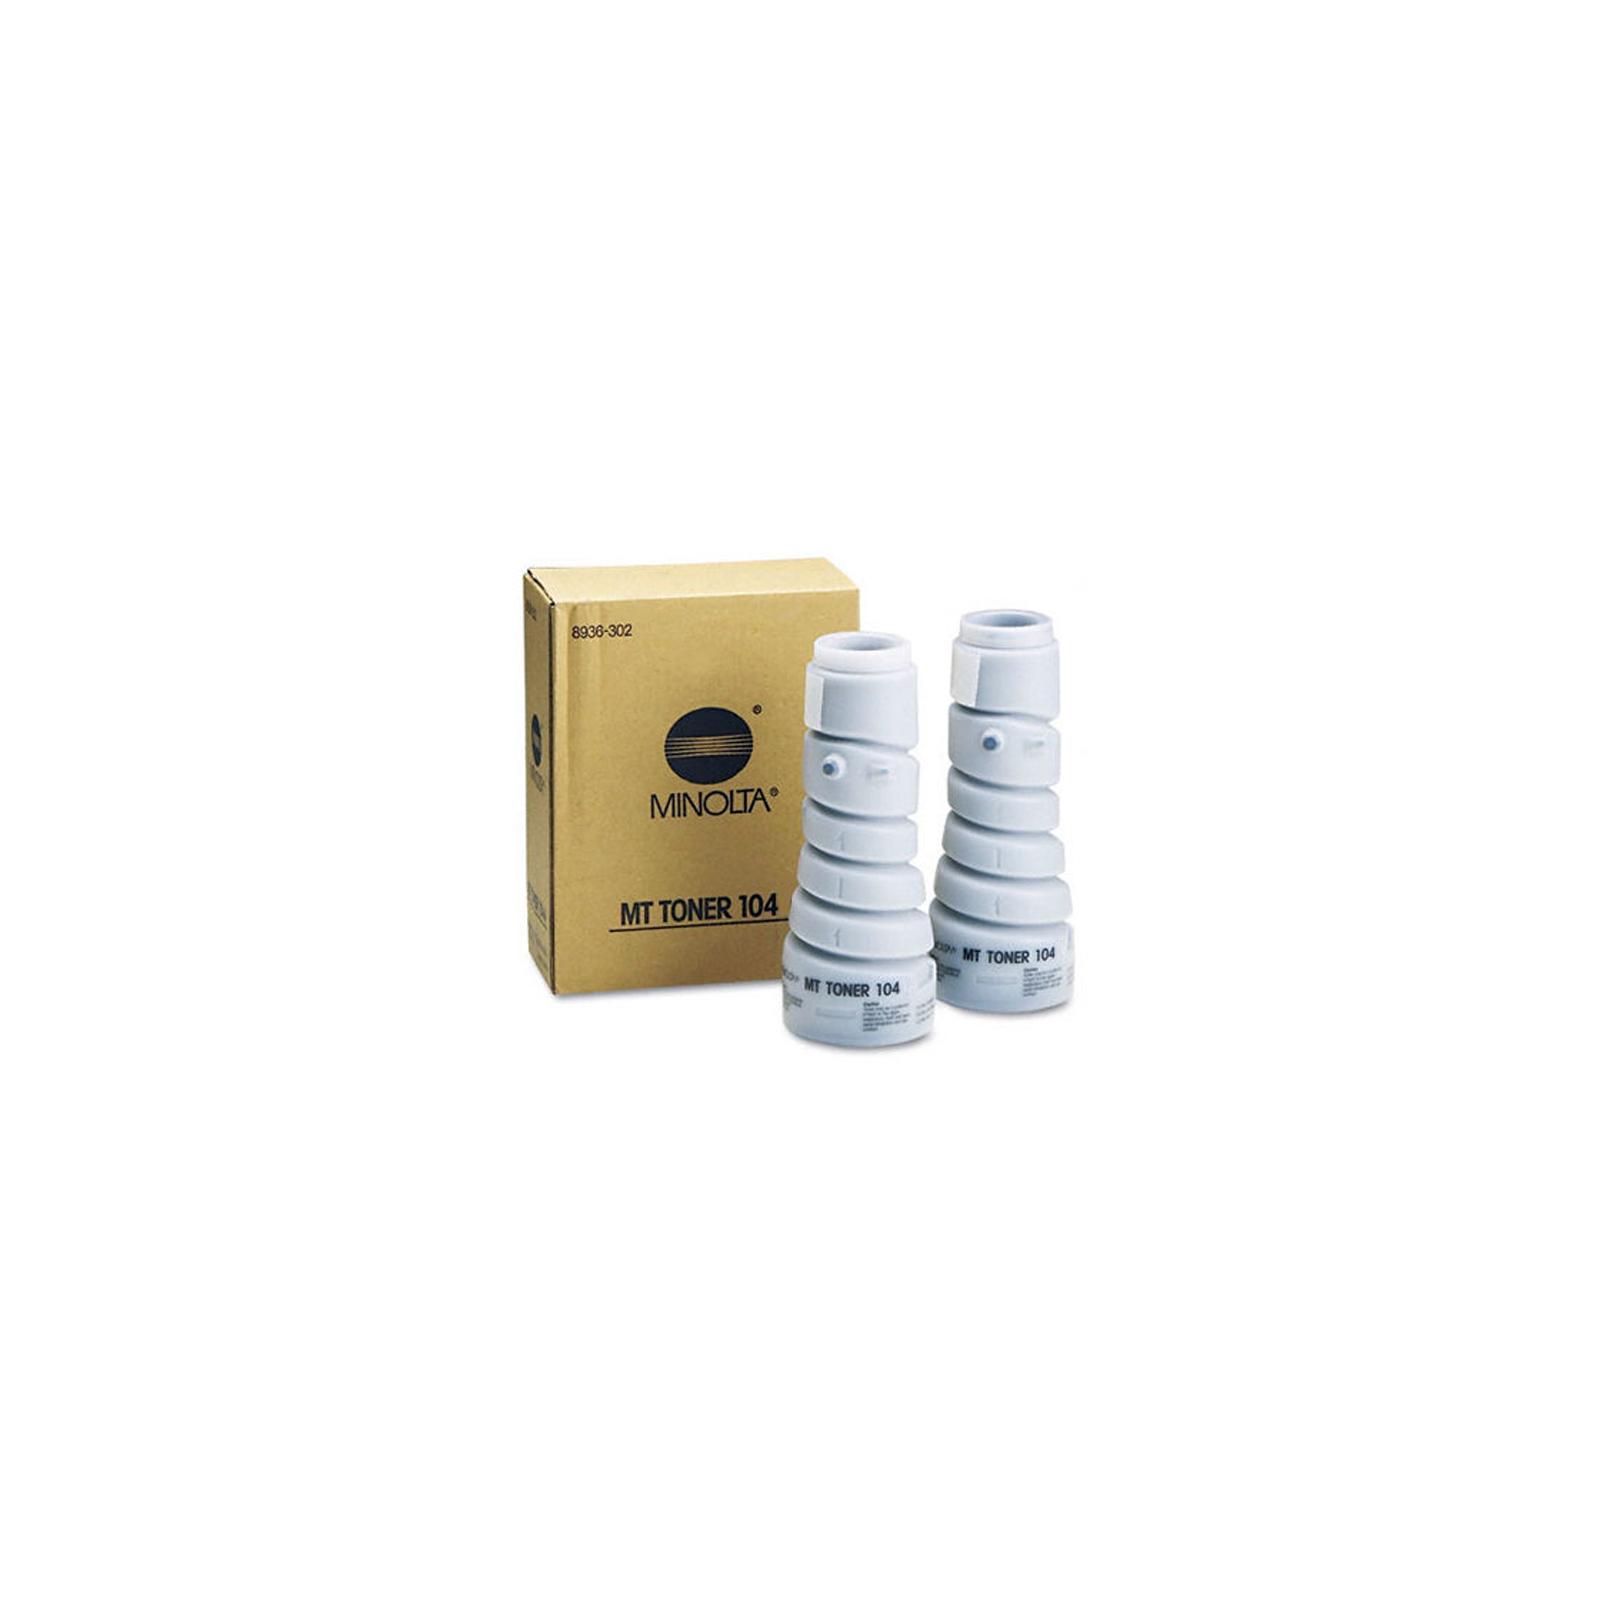 Тонер KONICA MINOLTA 104B / для ЕР1054 (kit 2шт) (8936304)